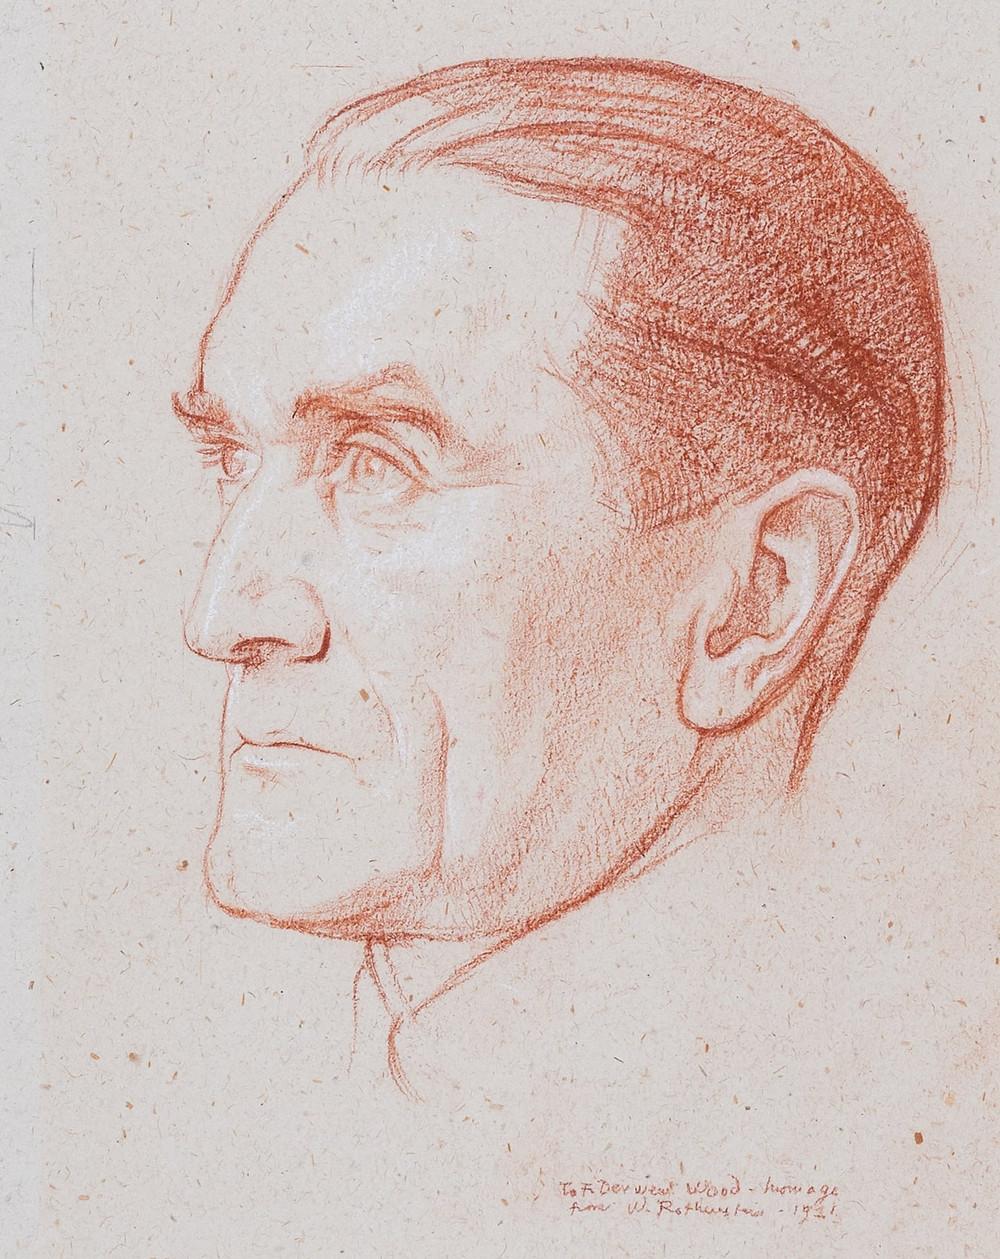 Francis Derwent Wood (1921) by William Rothenstein